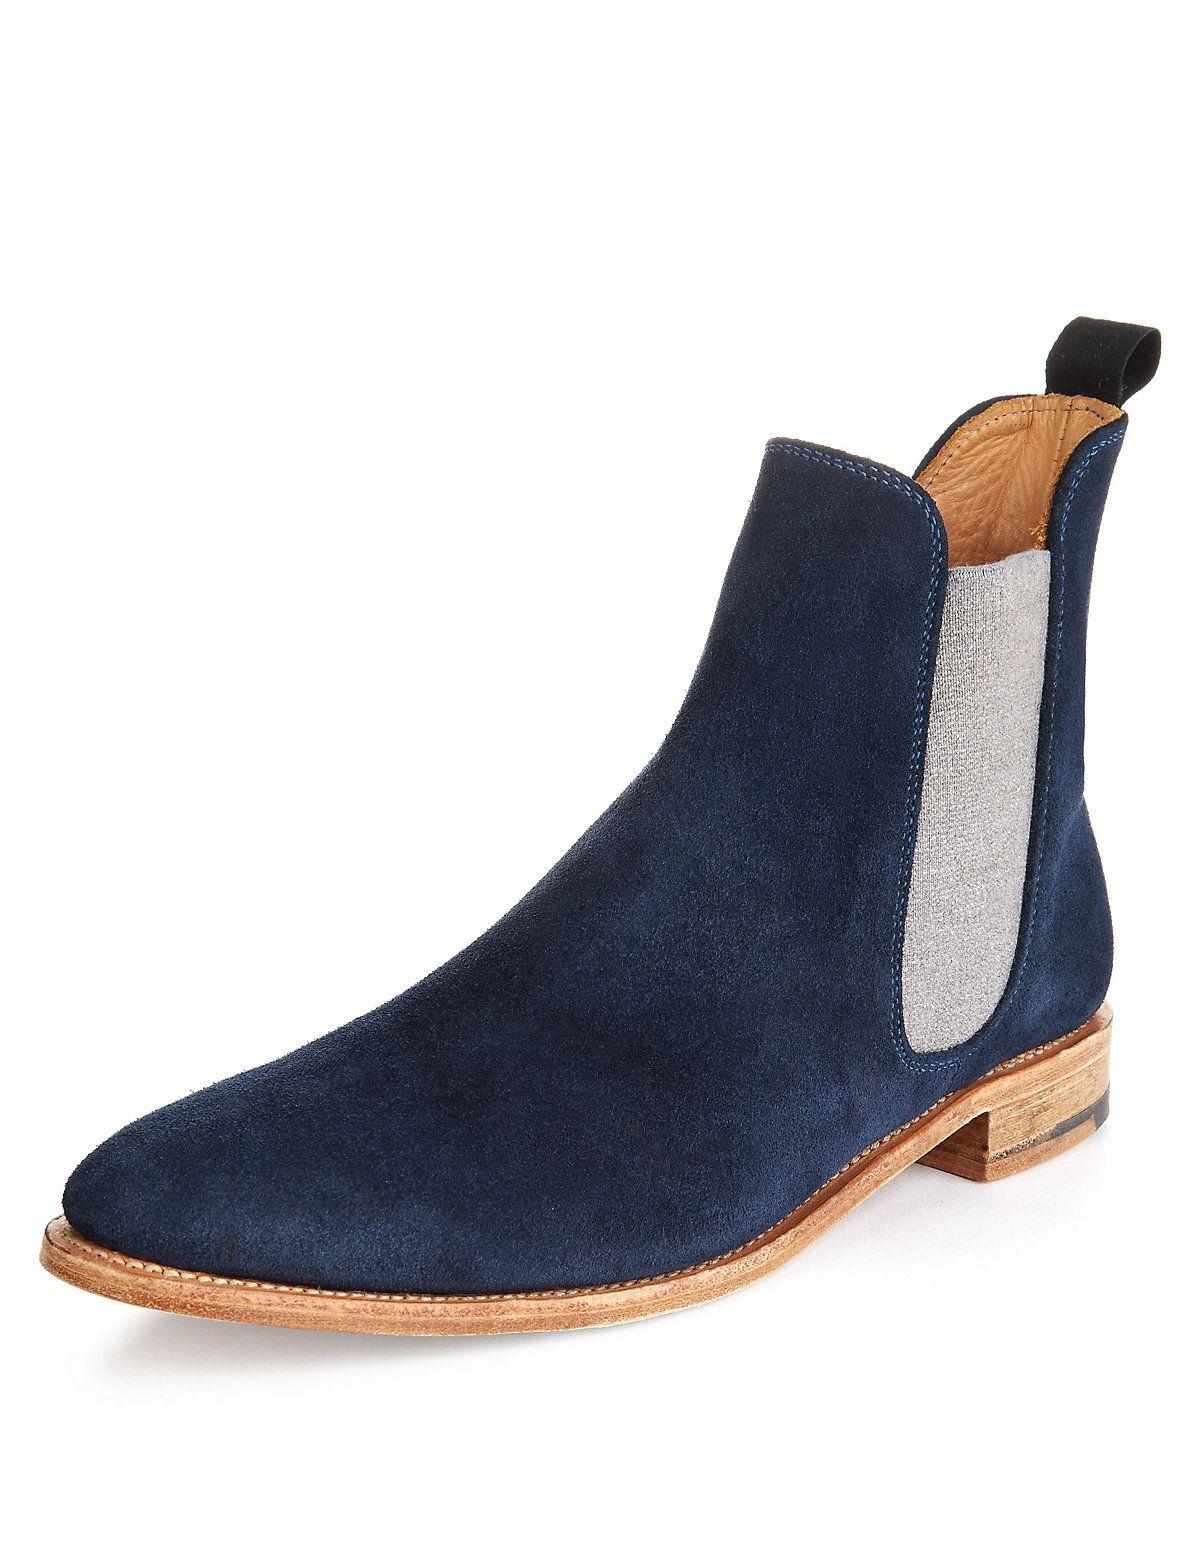 Chelsea boots men, Ankle boots men